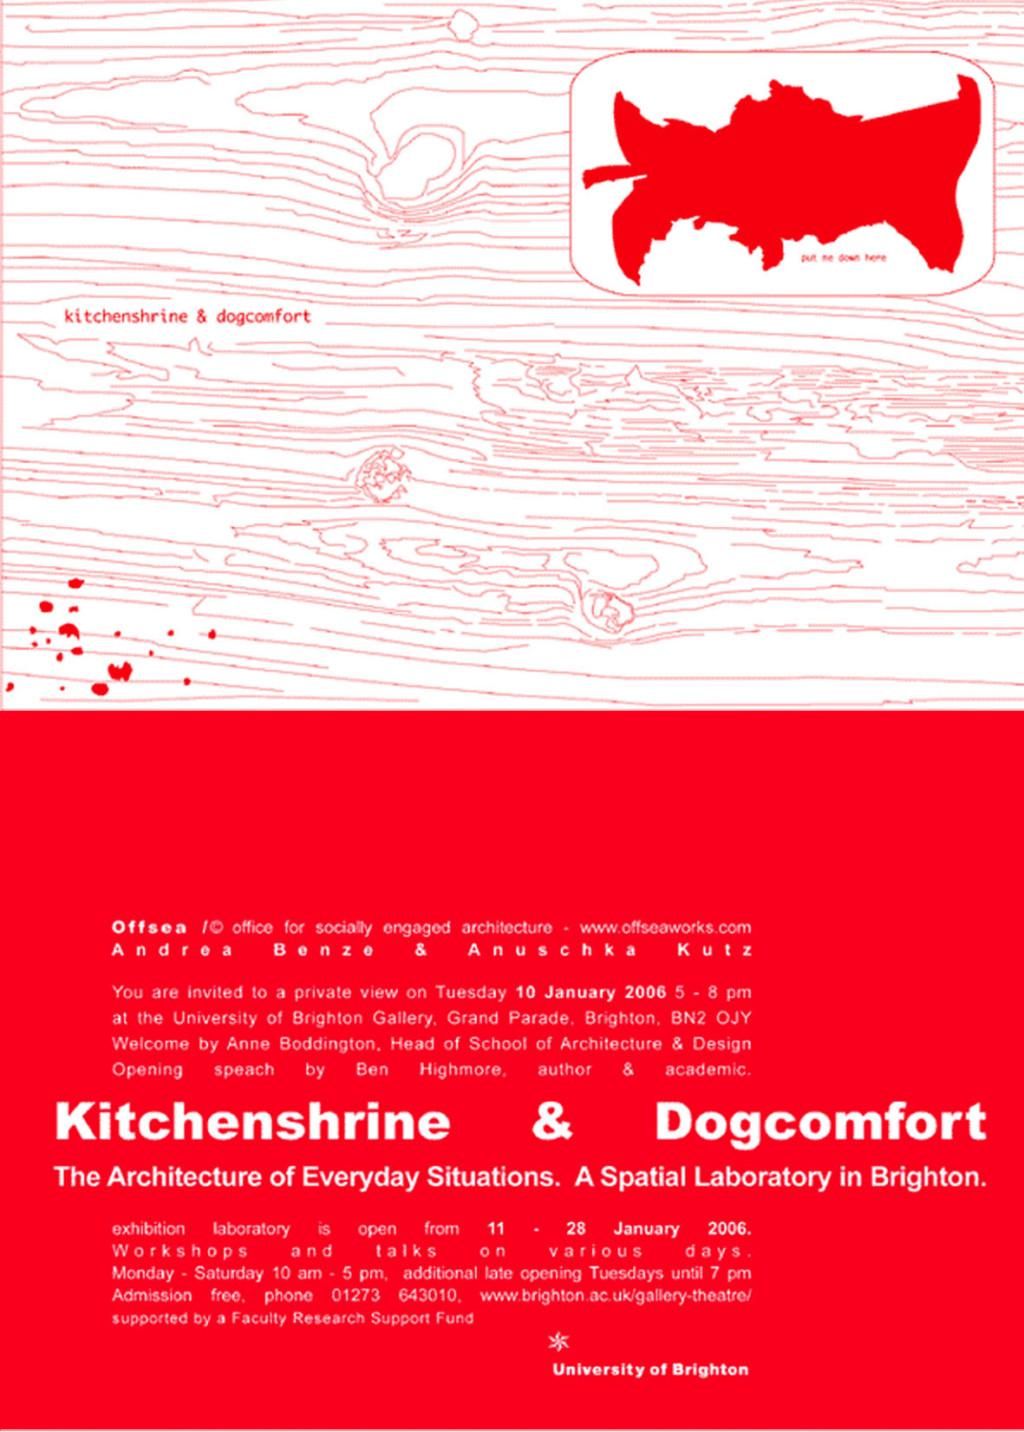 offsea. Kitchenshrine & Dogcomfort_Brighton